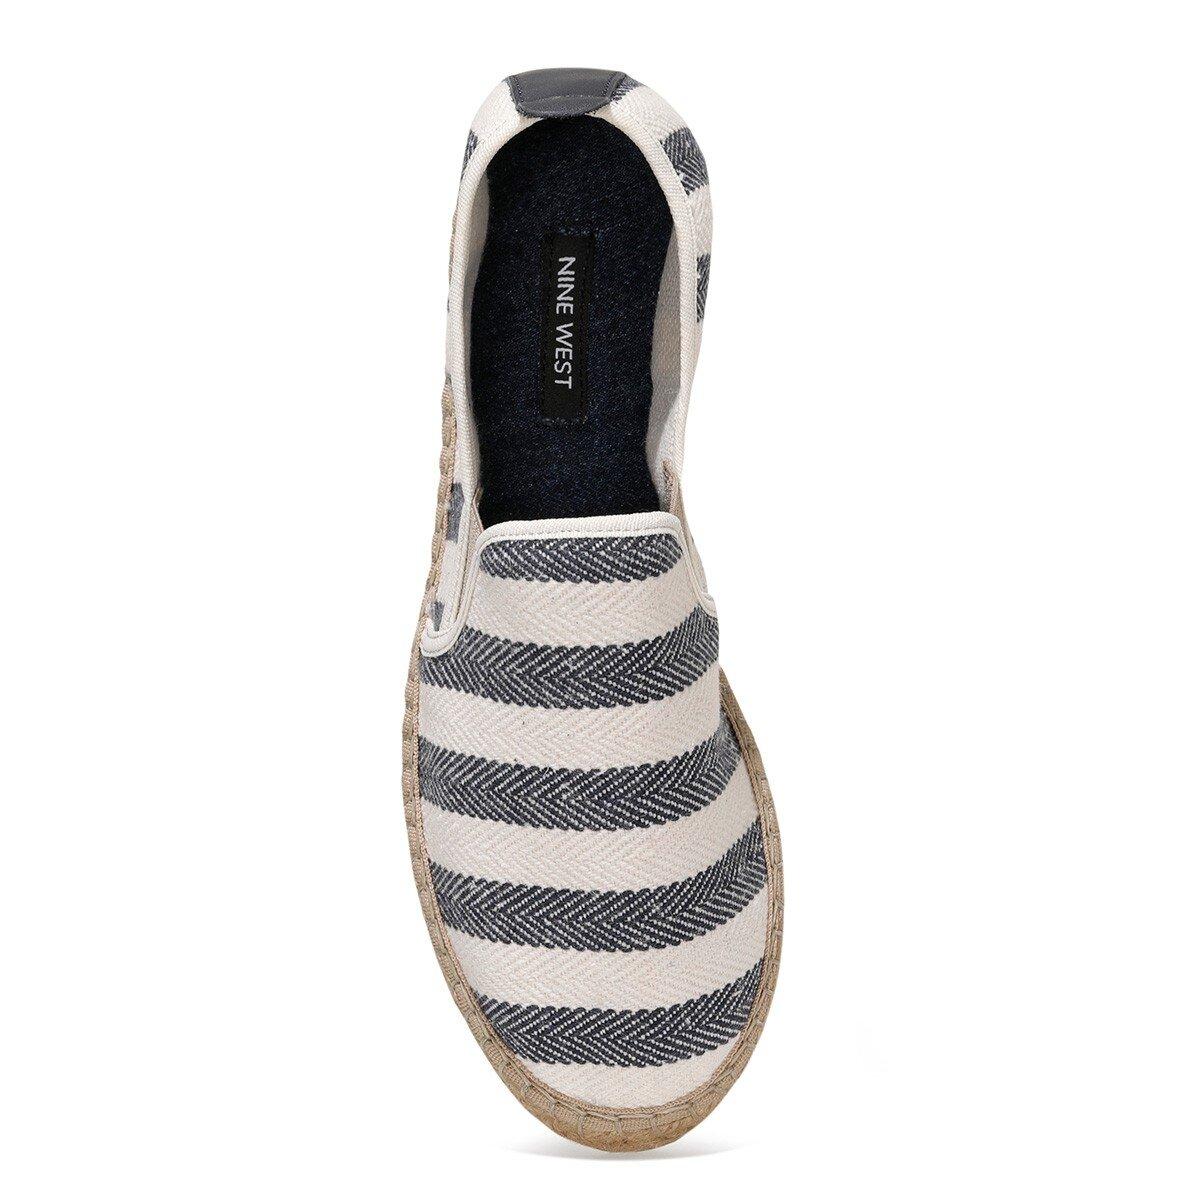 DARTENO 1FX Lacivert Kadın Espadril Ayakkabı